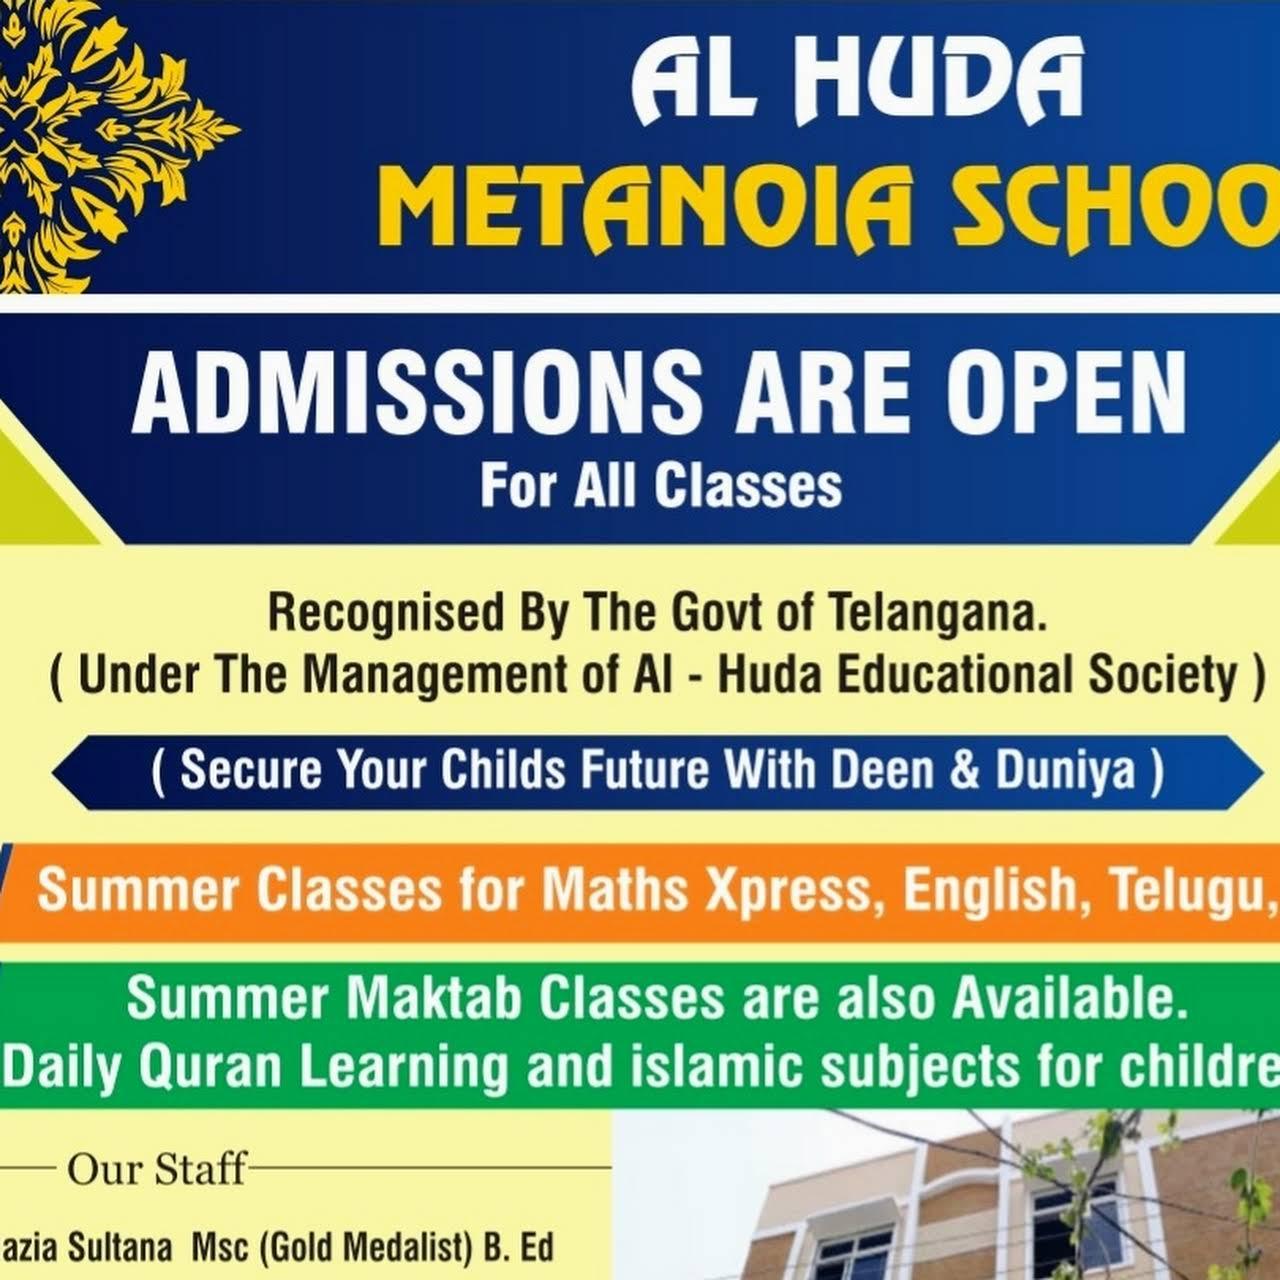 Al-Huda metanoia school - School in Secunderabad